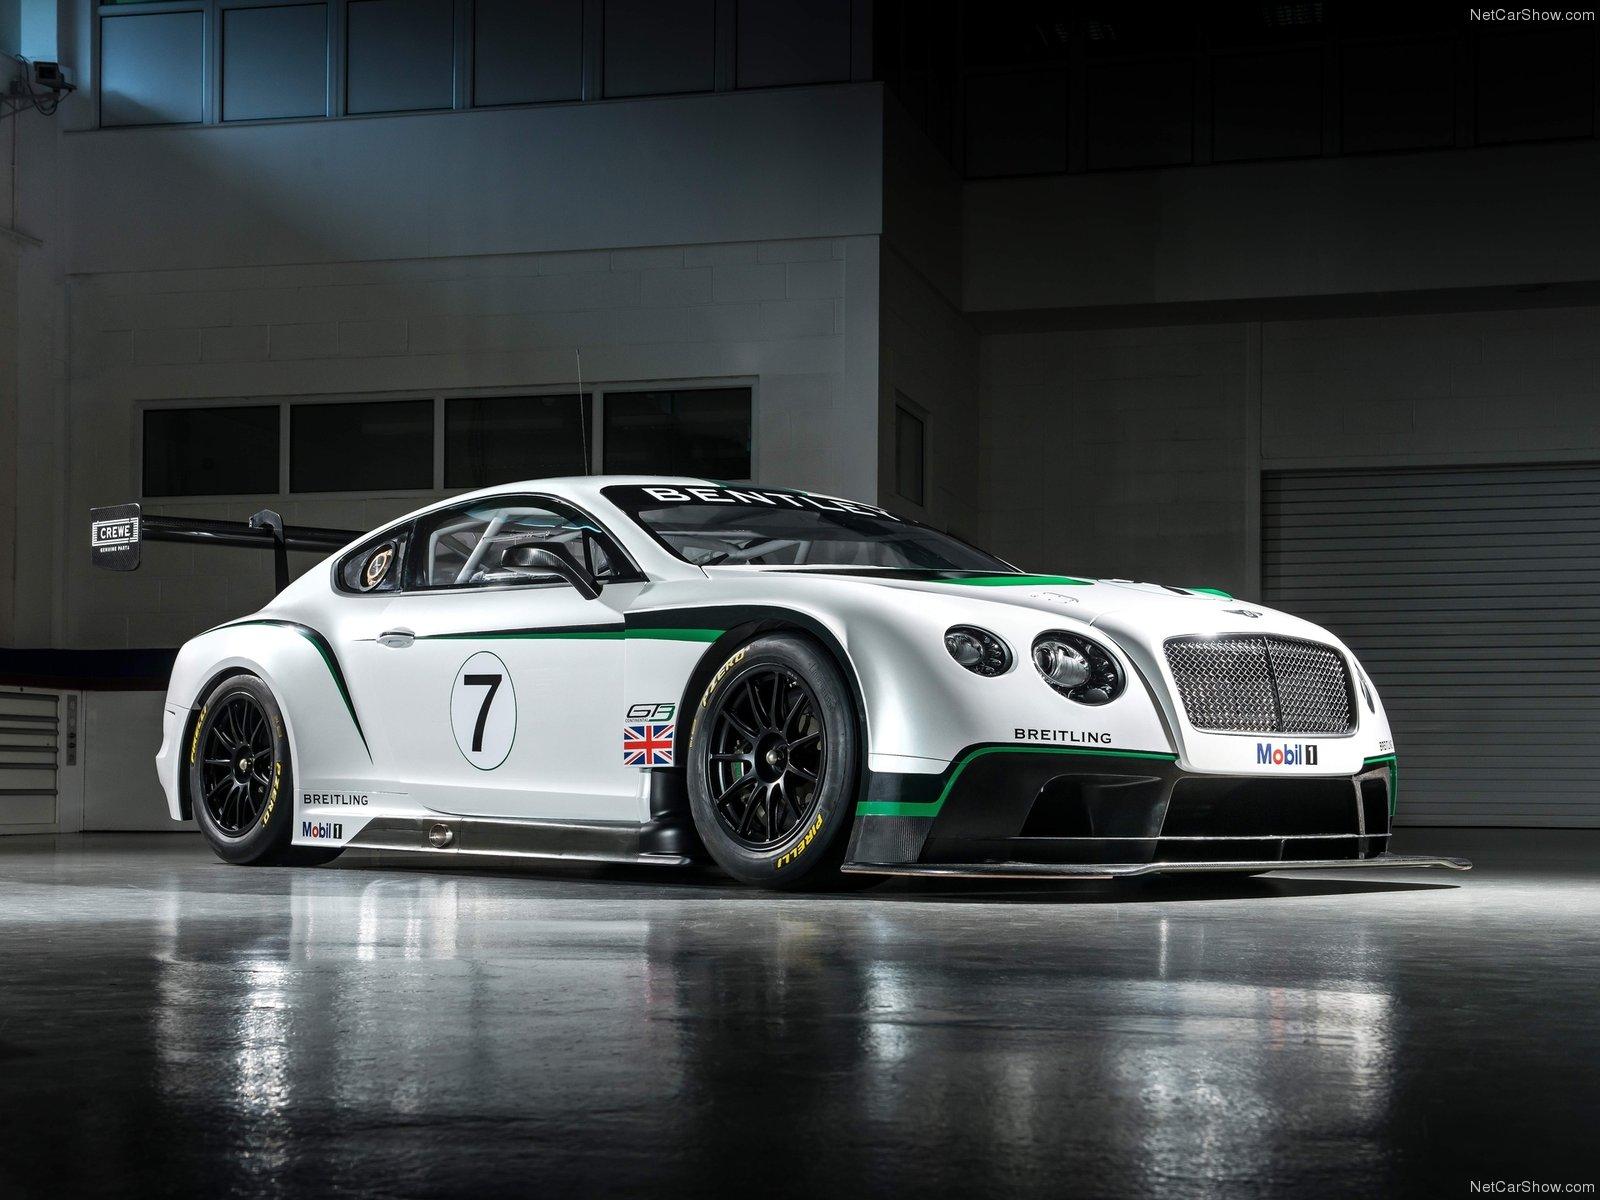 Hình ảnh xe ô tô Bentley Continental GT3 Racecar 2014 & nội ngoại thất